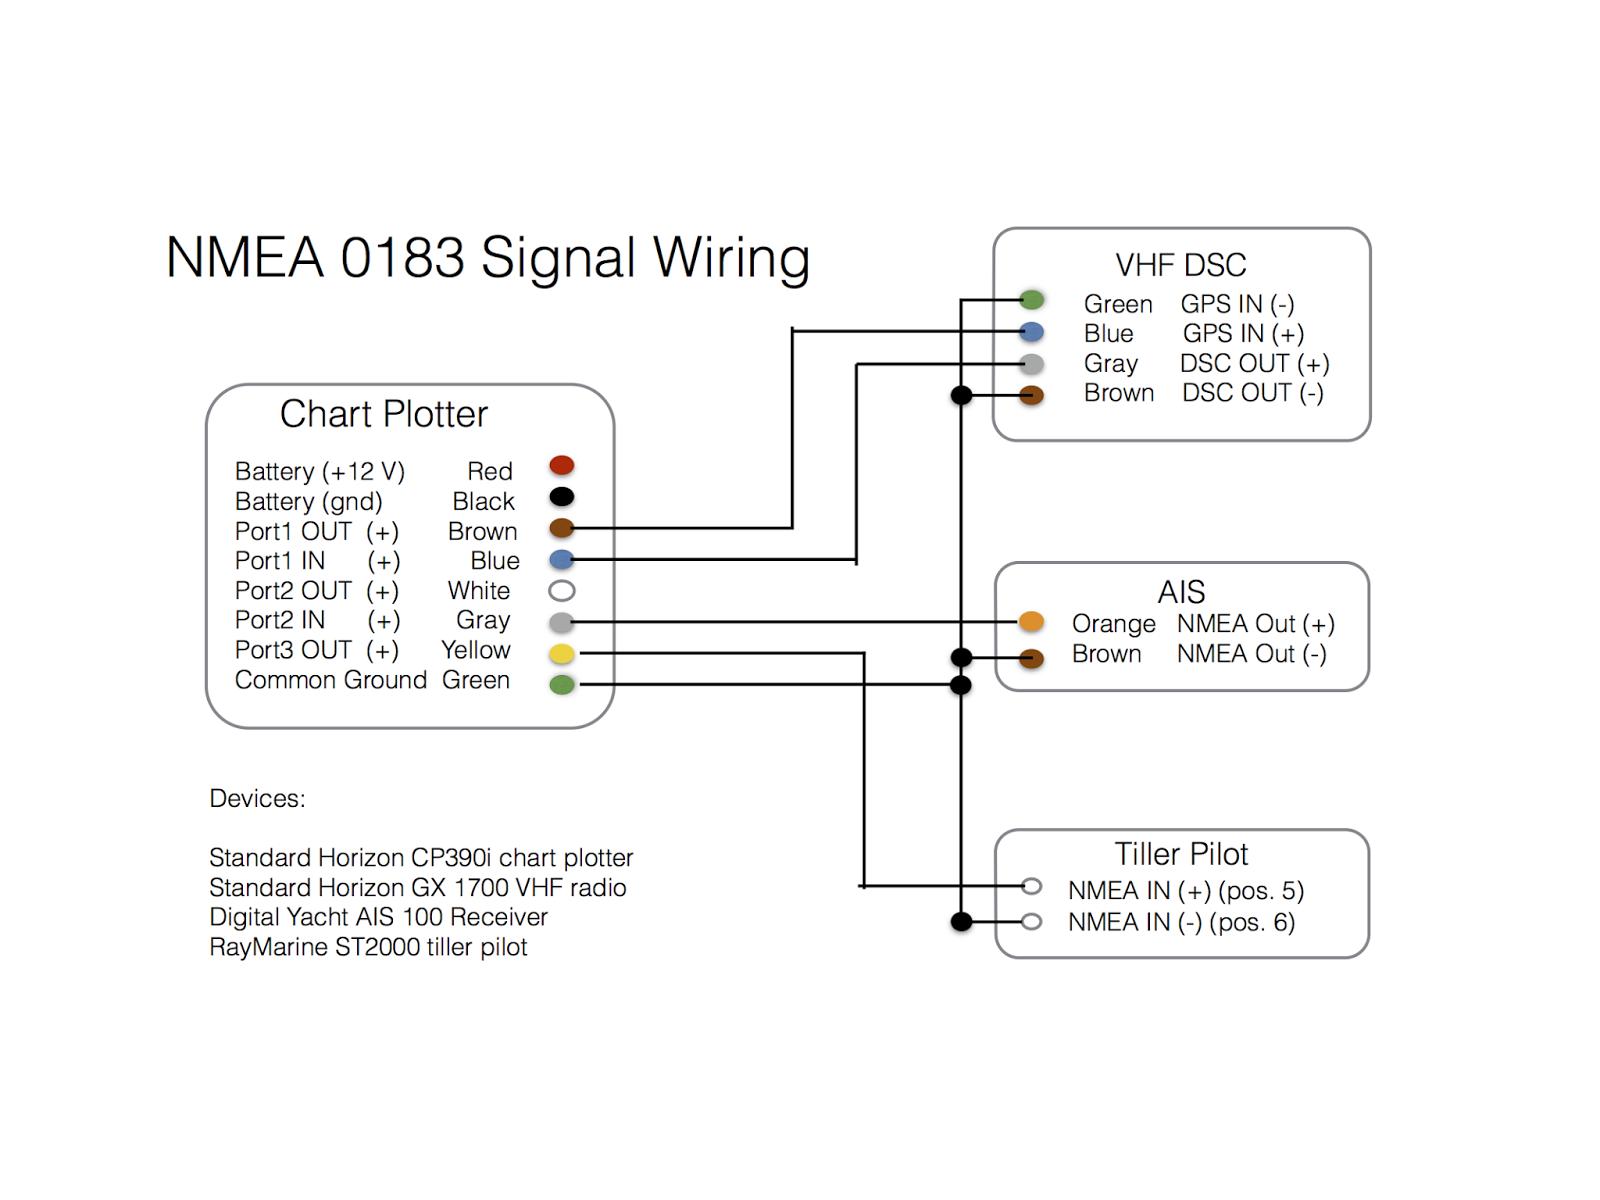 connecting a chart plotter vhf ais receiver and tiller pilot using rh svripple blogspot com garmin nmea 0183 wiring diagram garmin nmea 0183 wiring diagram [ 1600 x 1200 Pixel ]